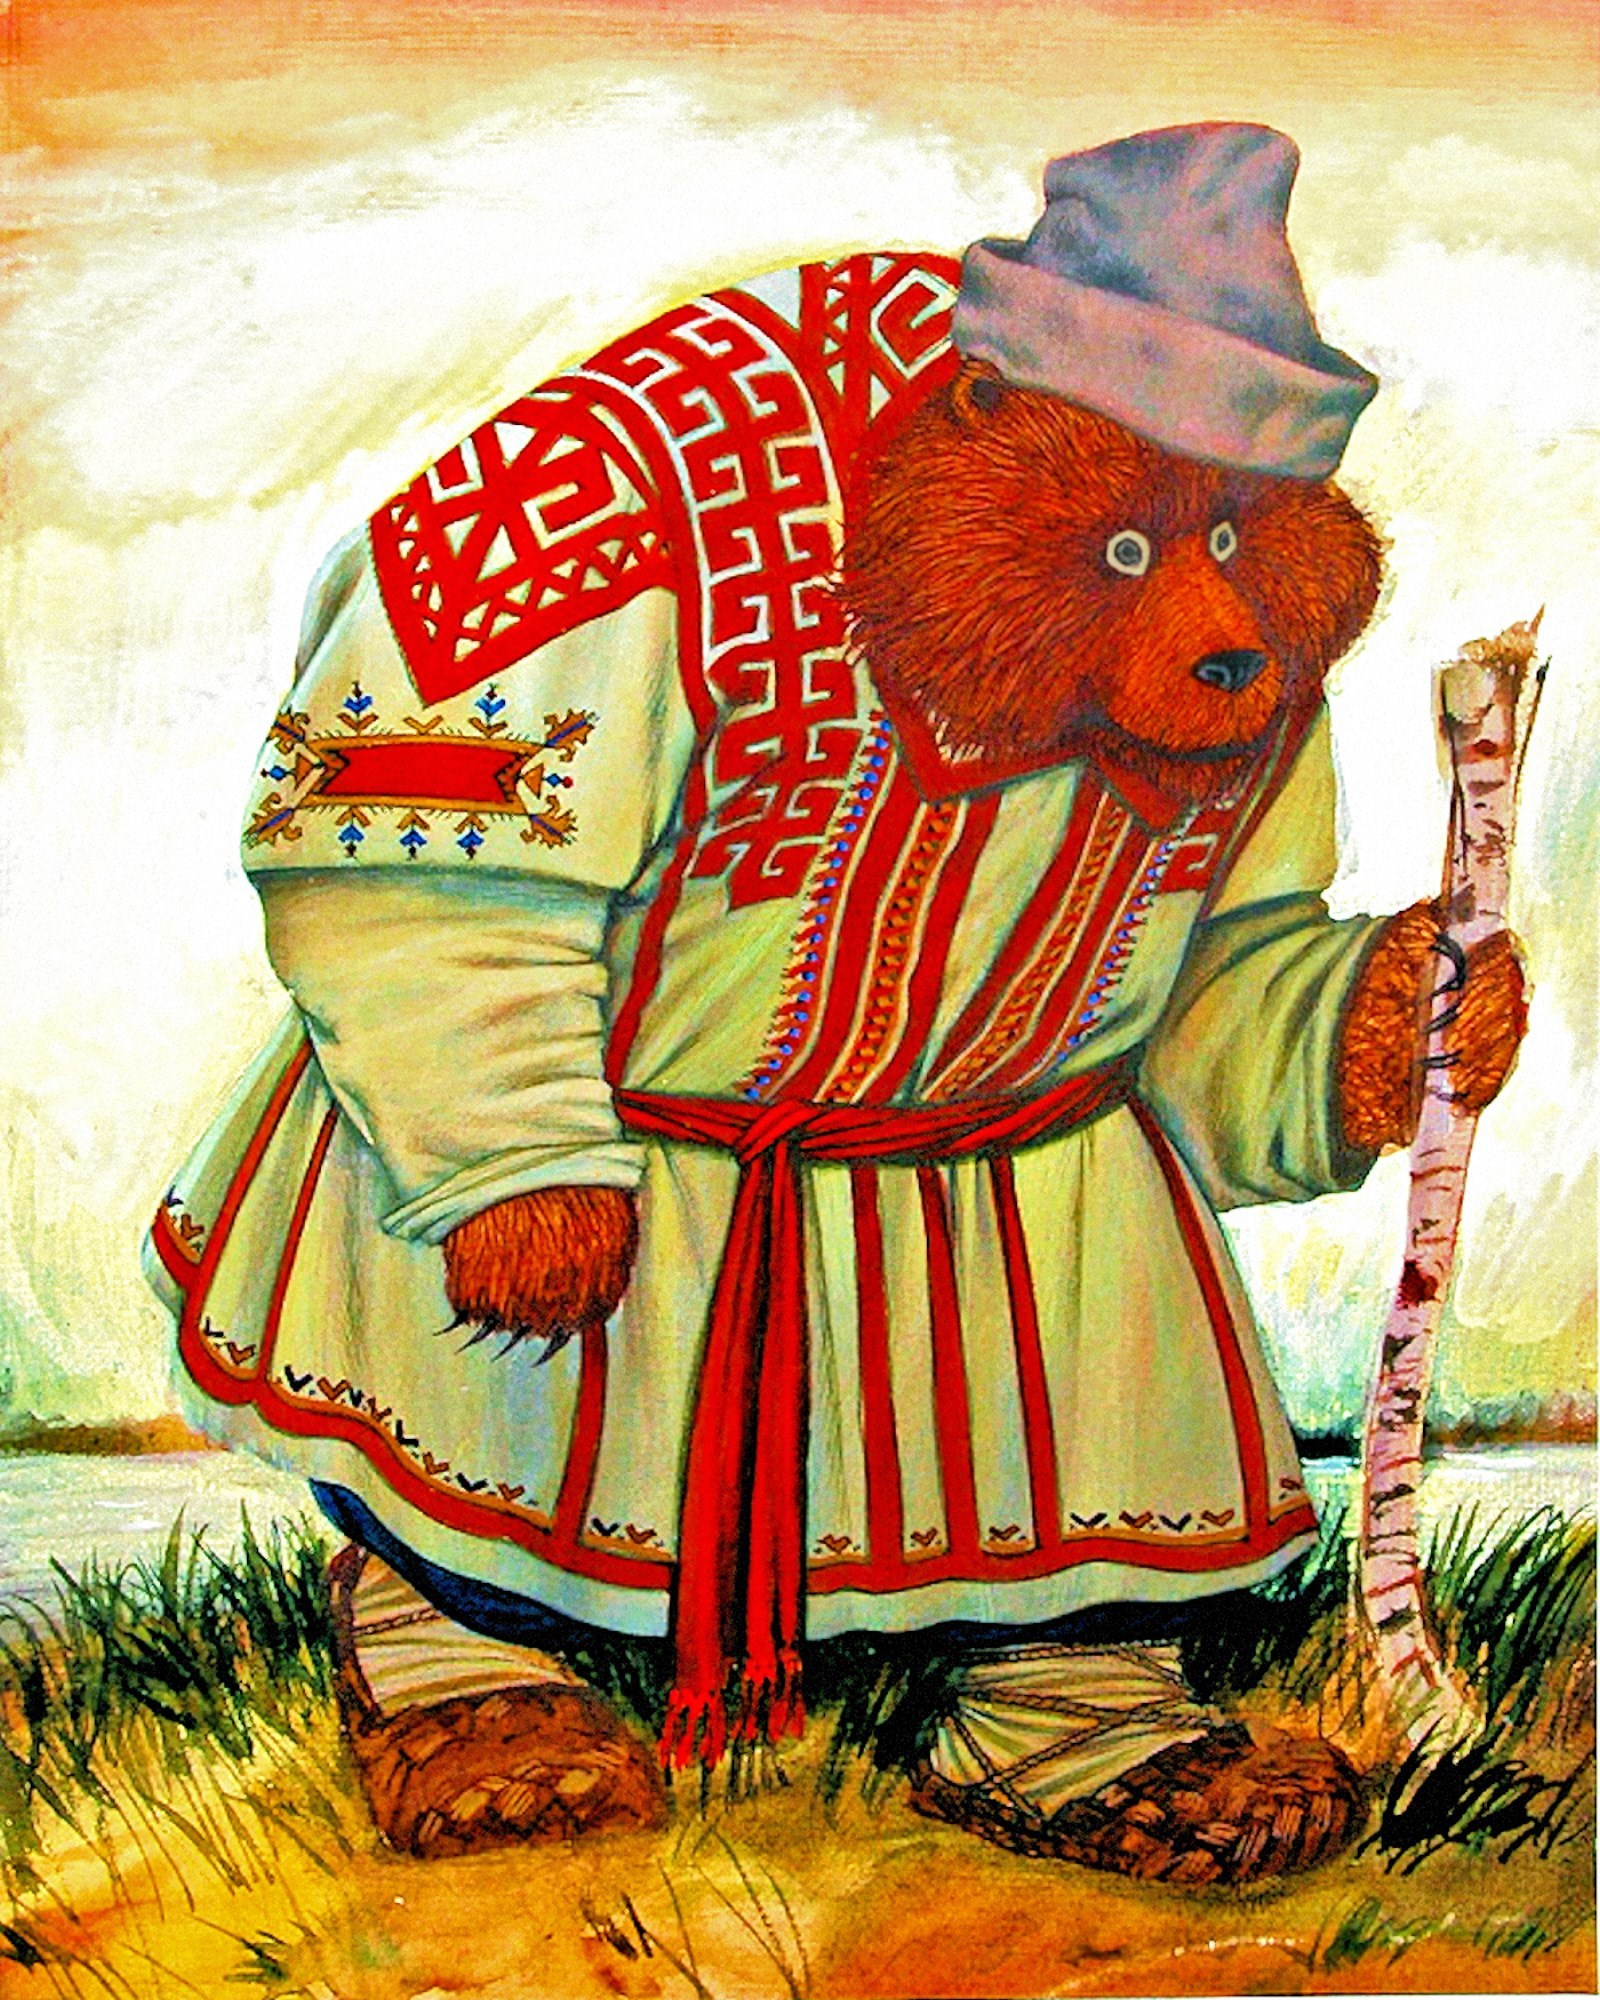 00-russian-bear-viktor-britvin-080716